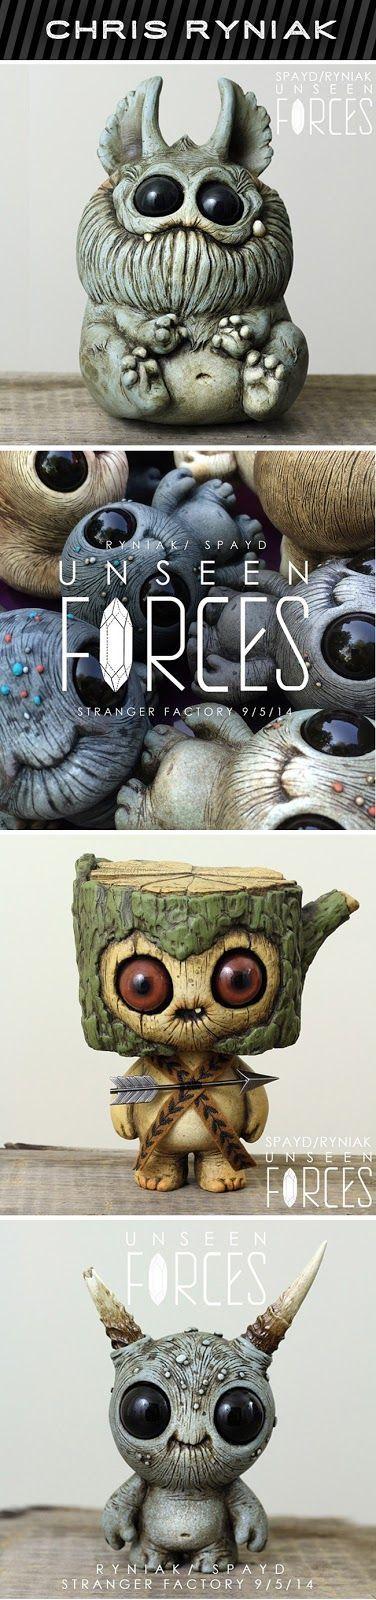 Unseen Forces Art opening tonight. chrisryniak creatures #art